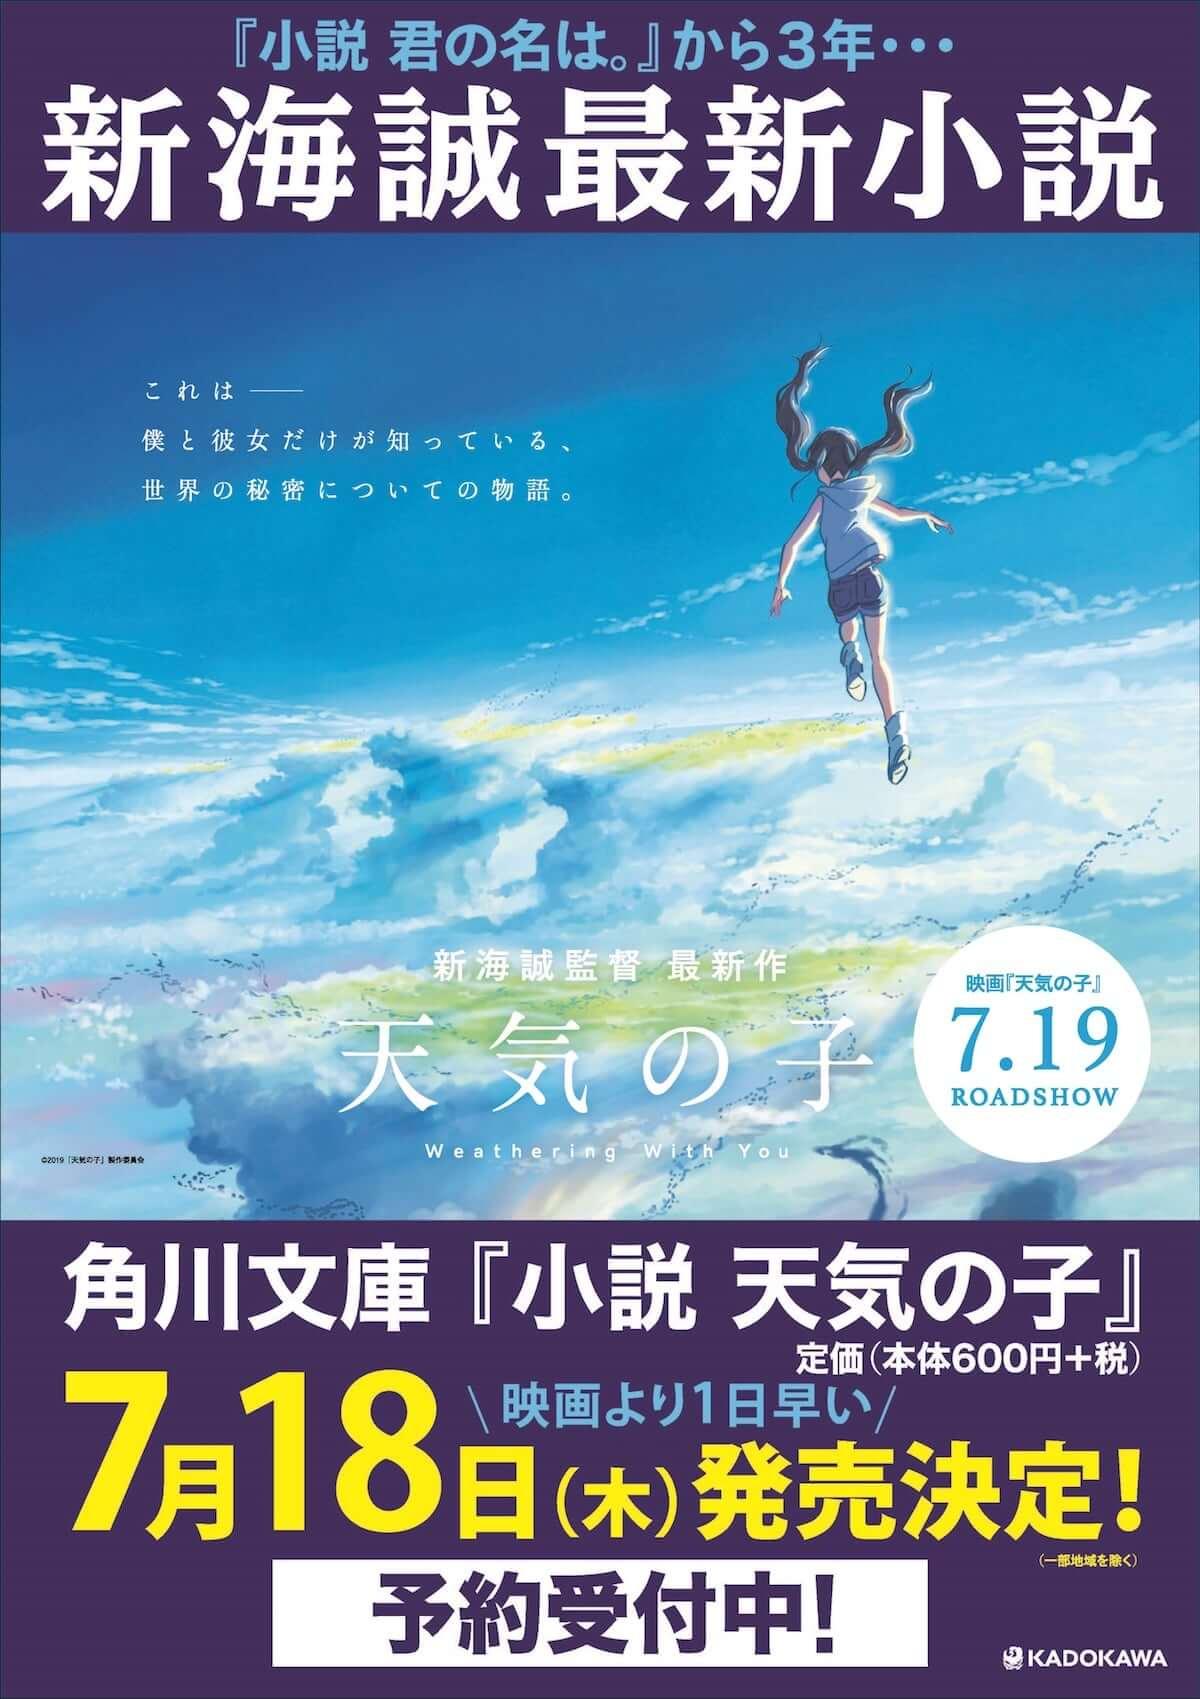 映画『天気の子』を先読み!新海誠自ら執筆の『小説 天気の子』が映画公開前日発売 life190412_tenkinoko_1-1200x1699